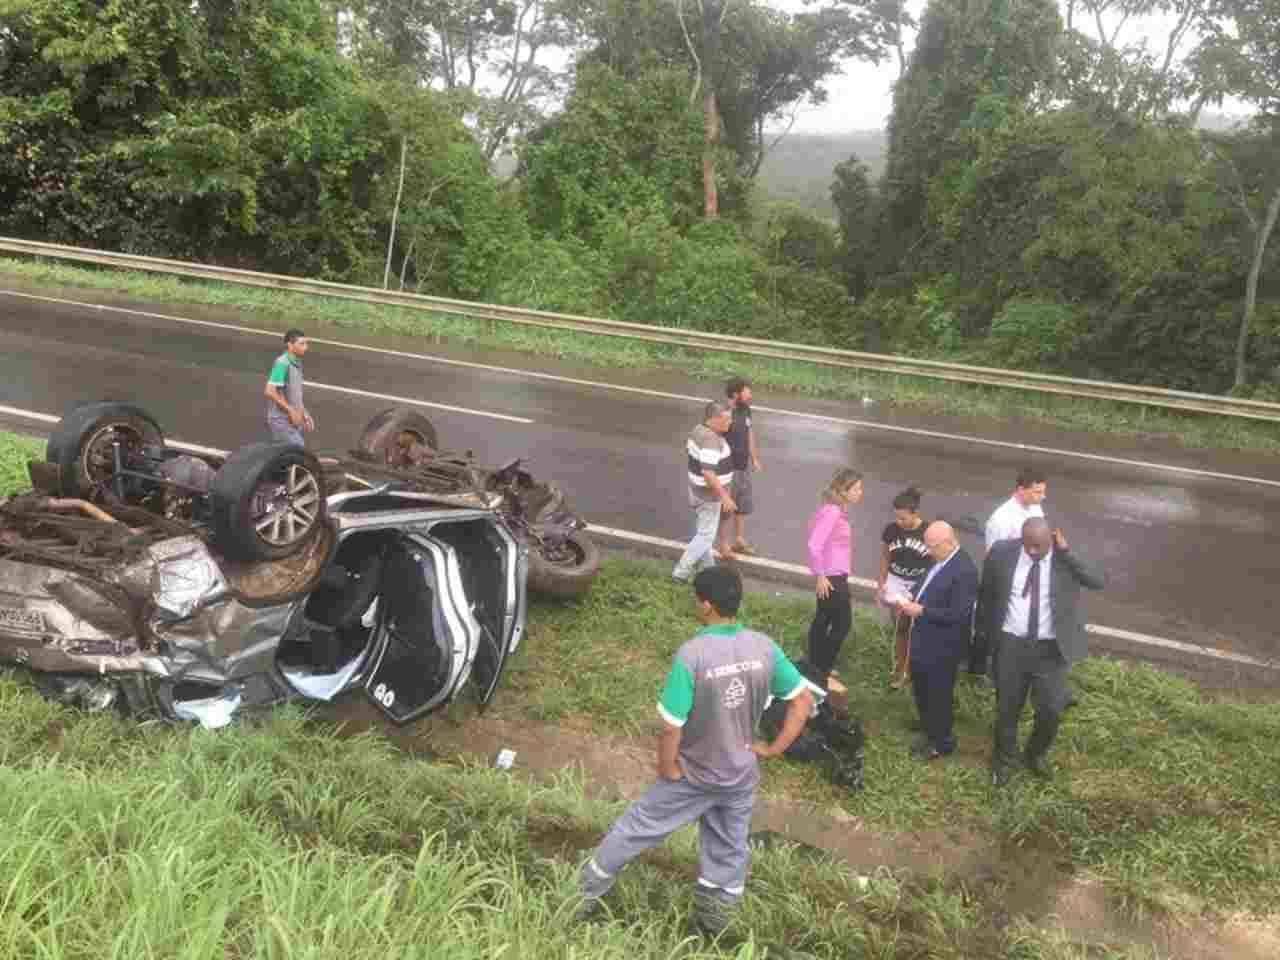 Veículo ocupado pelo deputado Professor Alcides capotou em Rodovia Federal nesta quarta-feira, 31 | Foto: Valdemy Teixeira